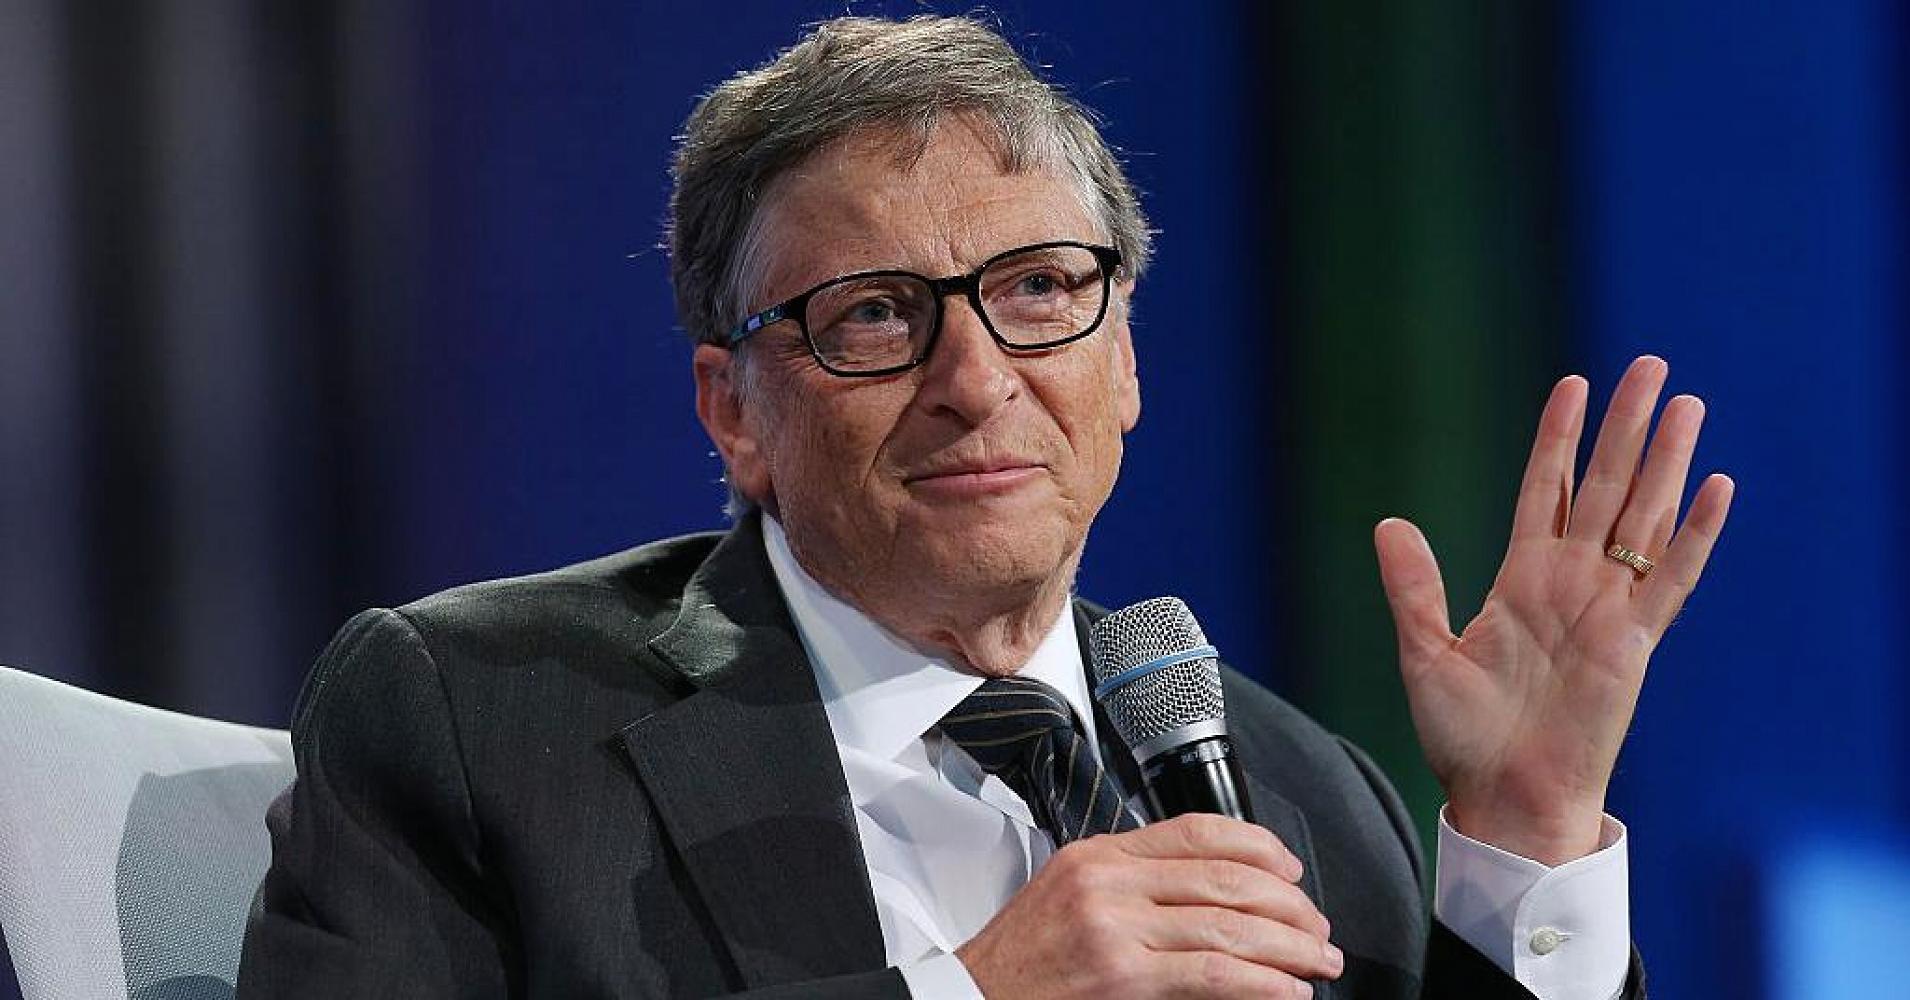 Lời khuyên của Bill Gates cho sinh viên muốn thay đổi thế giới | Công nghệ thông tin